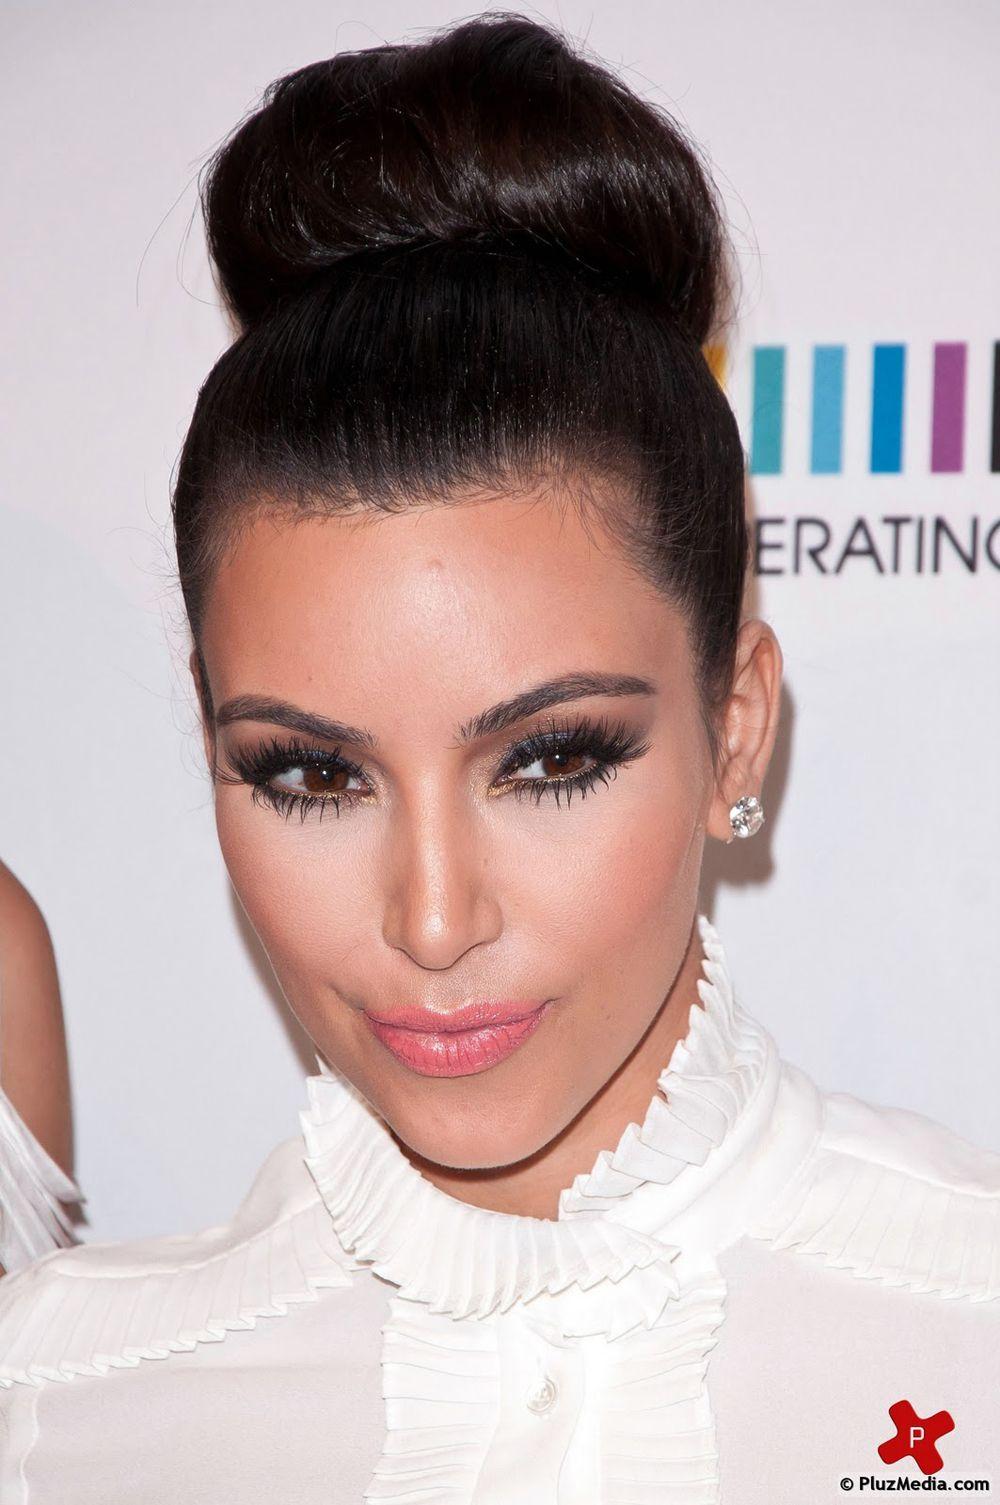 Image Detail For Kim Kardashian Updo Hairstyles Fresh Look